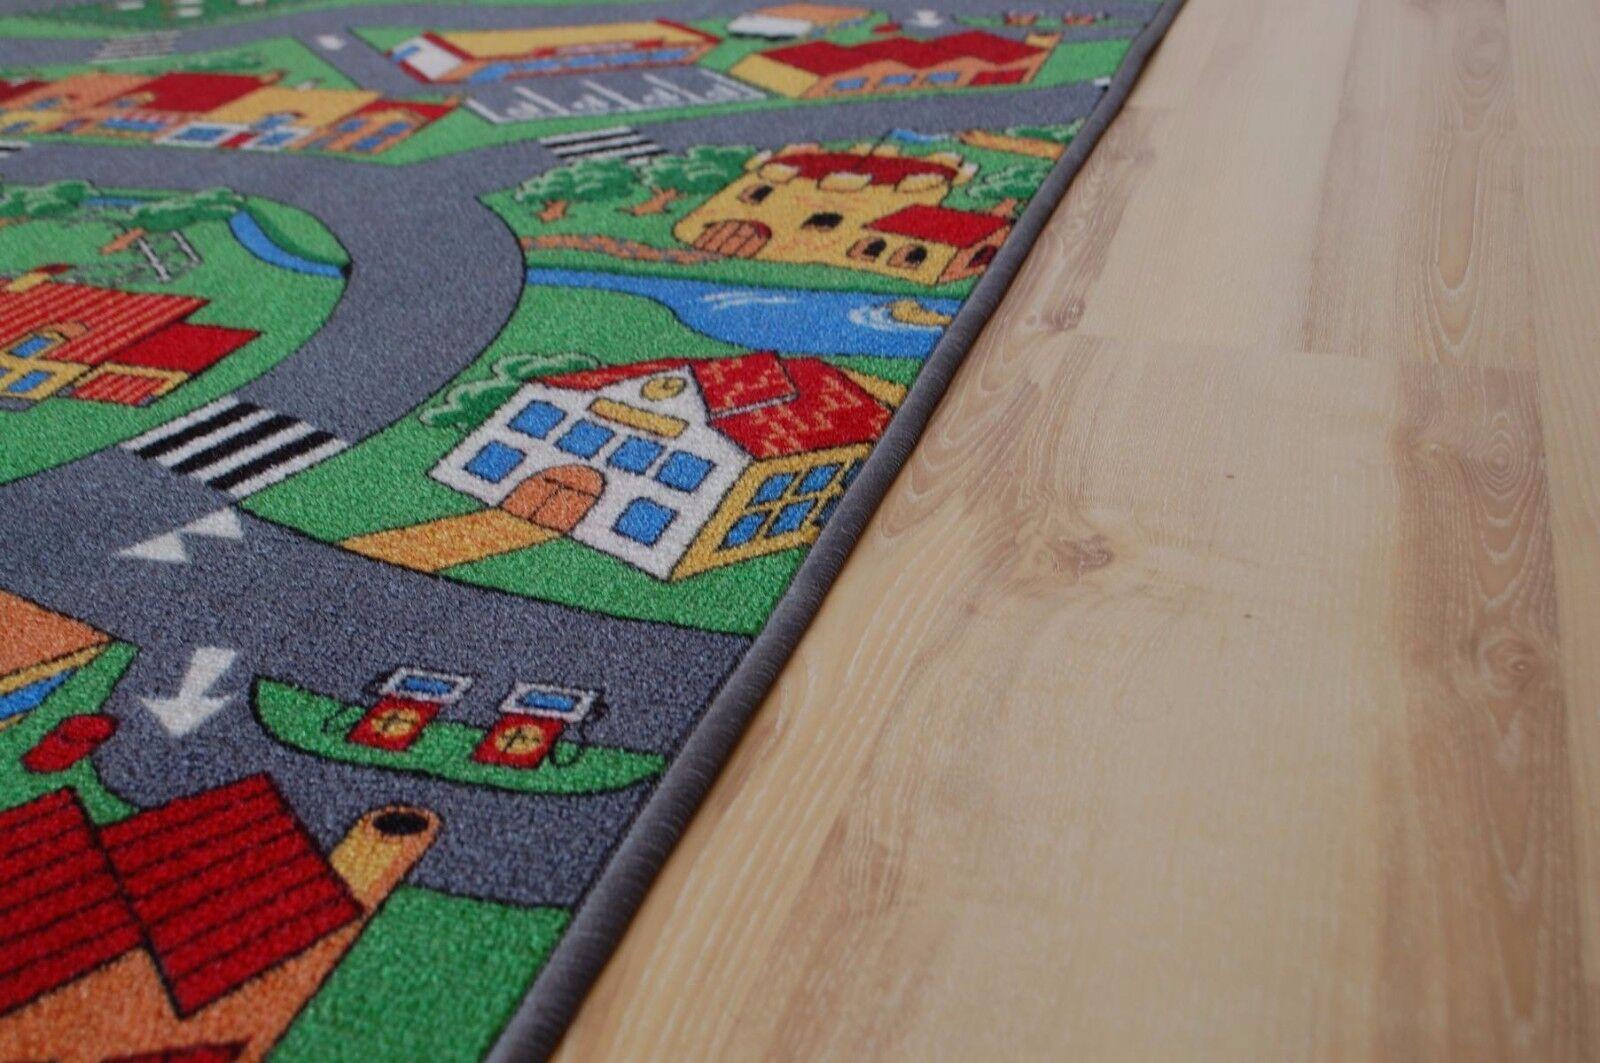 Straßenteppich Spielteppich Bauernhof Bauernhof Bauernhof 200x580 cm d3352b